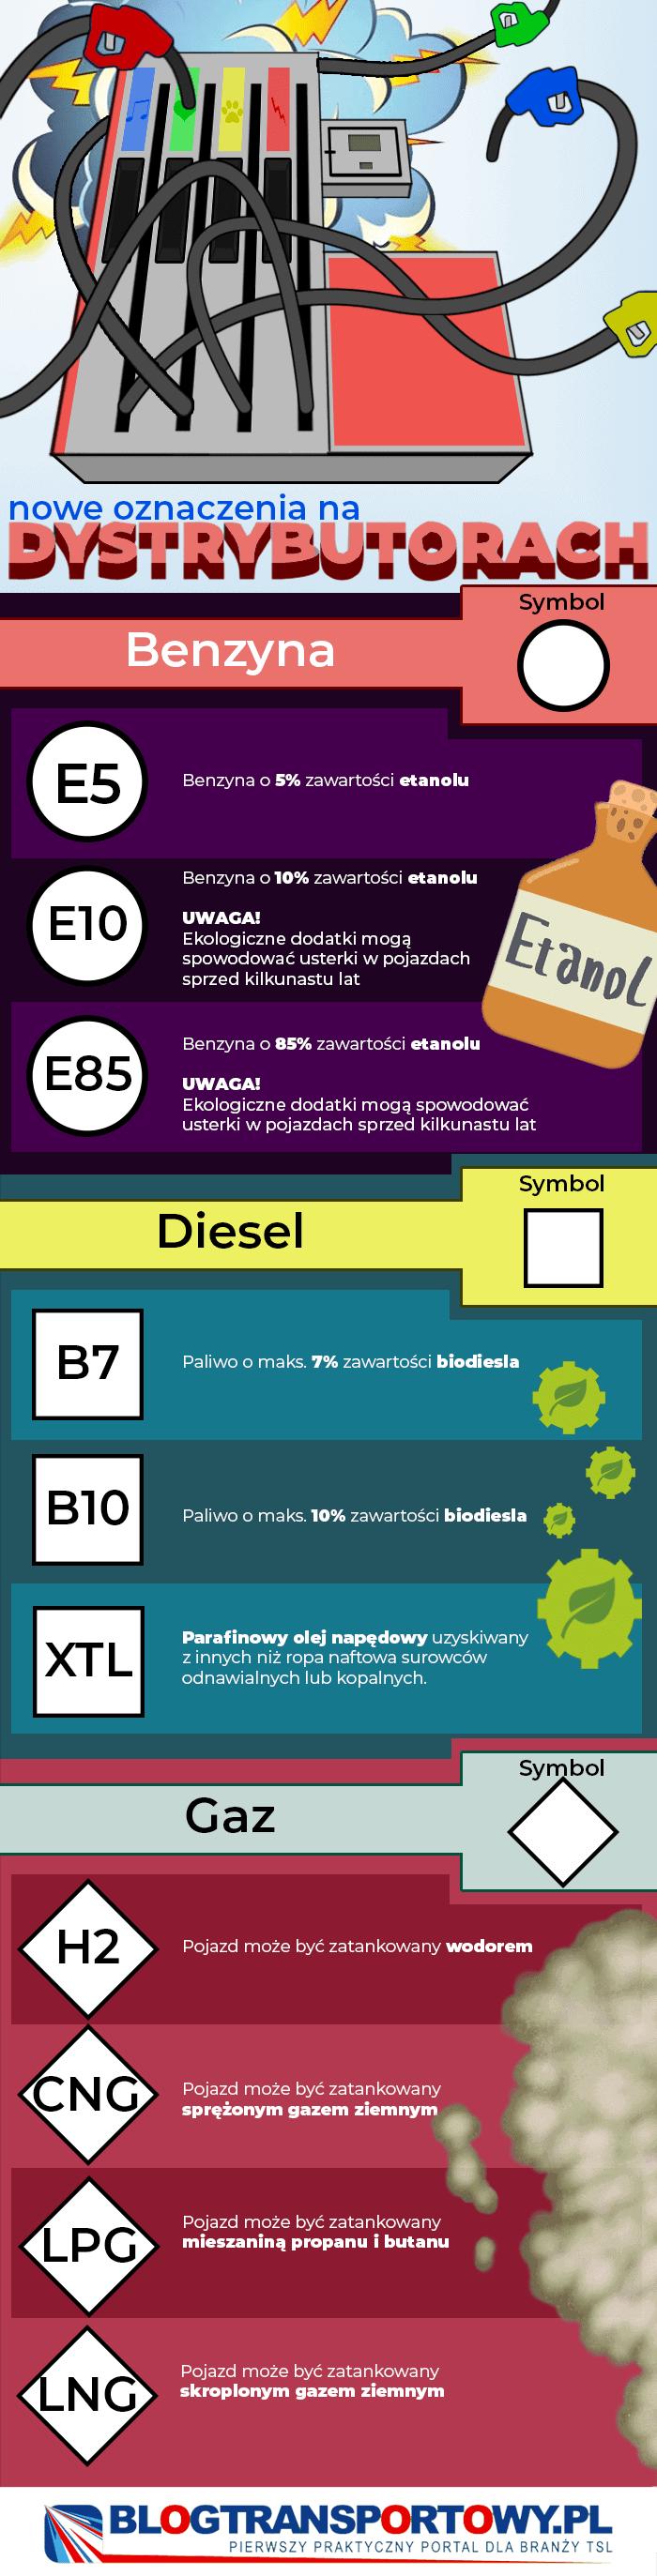 Nowe oznaczenia paliwa na dystrybutorach